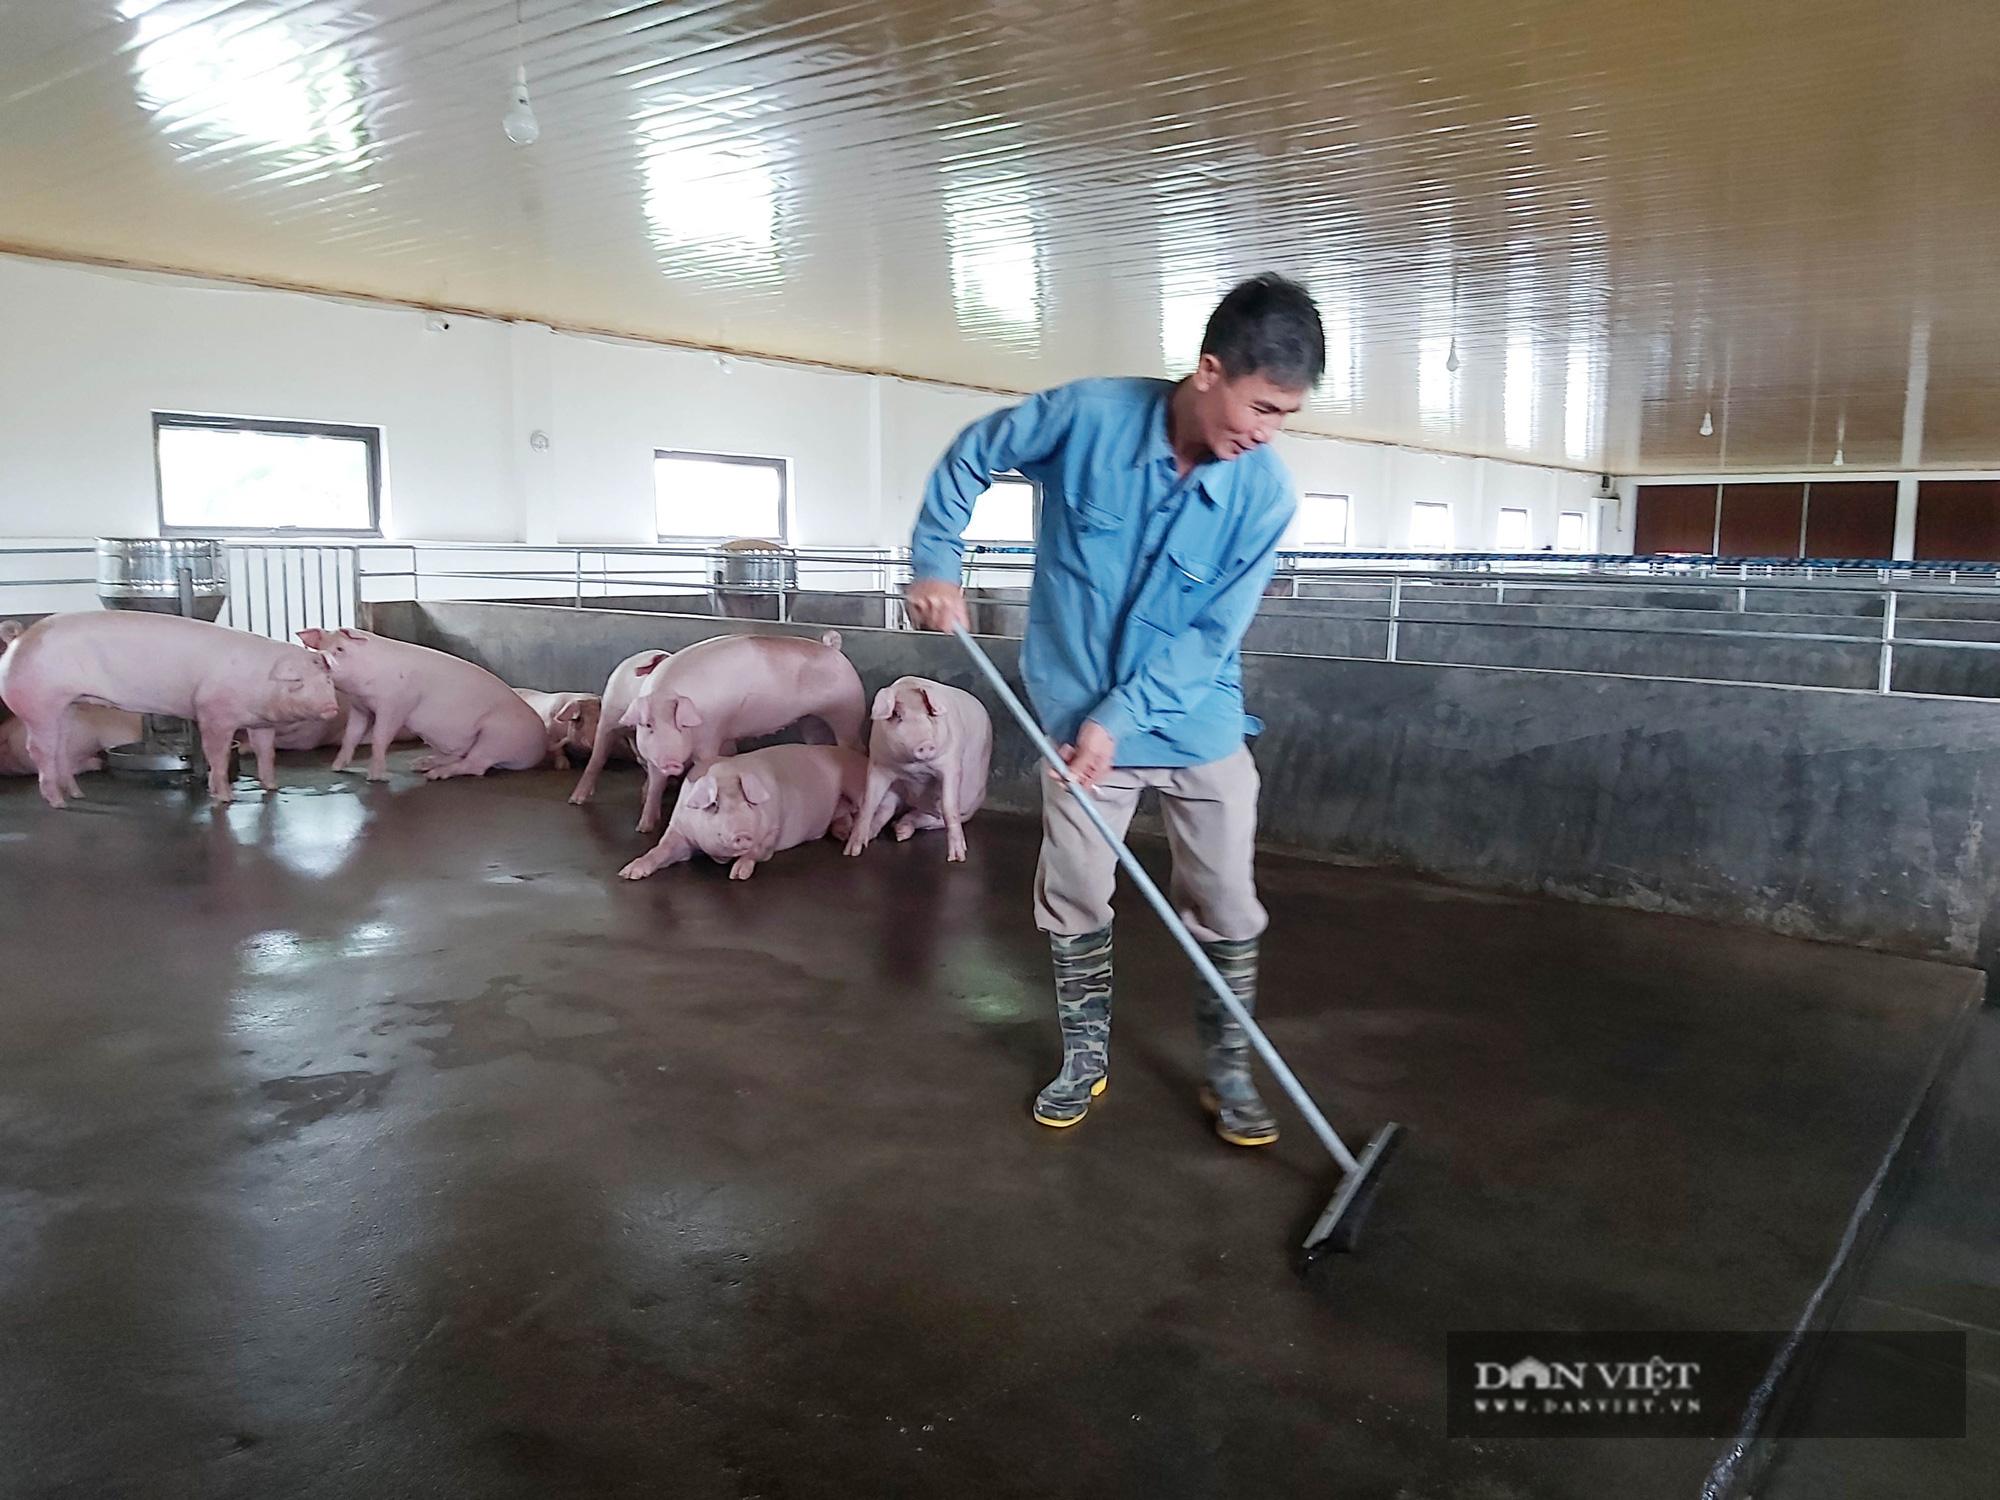 """Sau dịch tả lợn Châu Phi, một nông dân ở Thái Bình """"liều"""" đầu tư trại lợn 800 triệu đồng, thu tiền đều tay - Ảnh 7."""